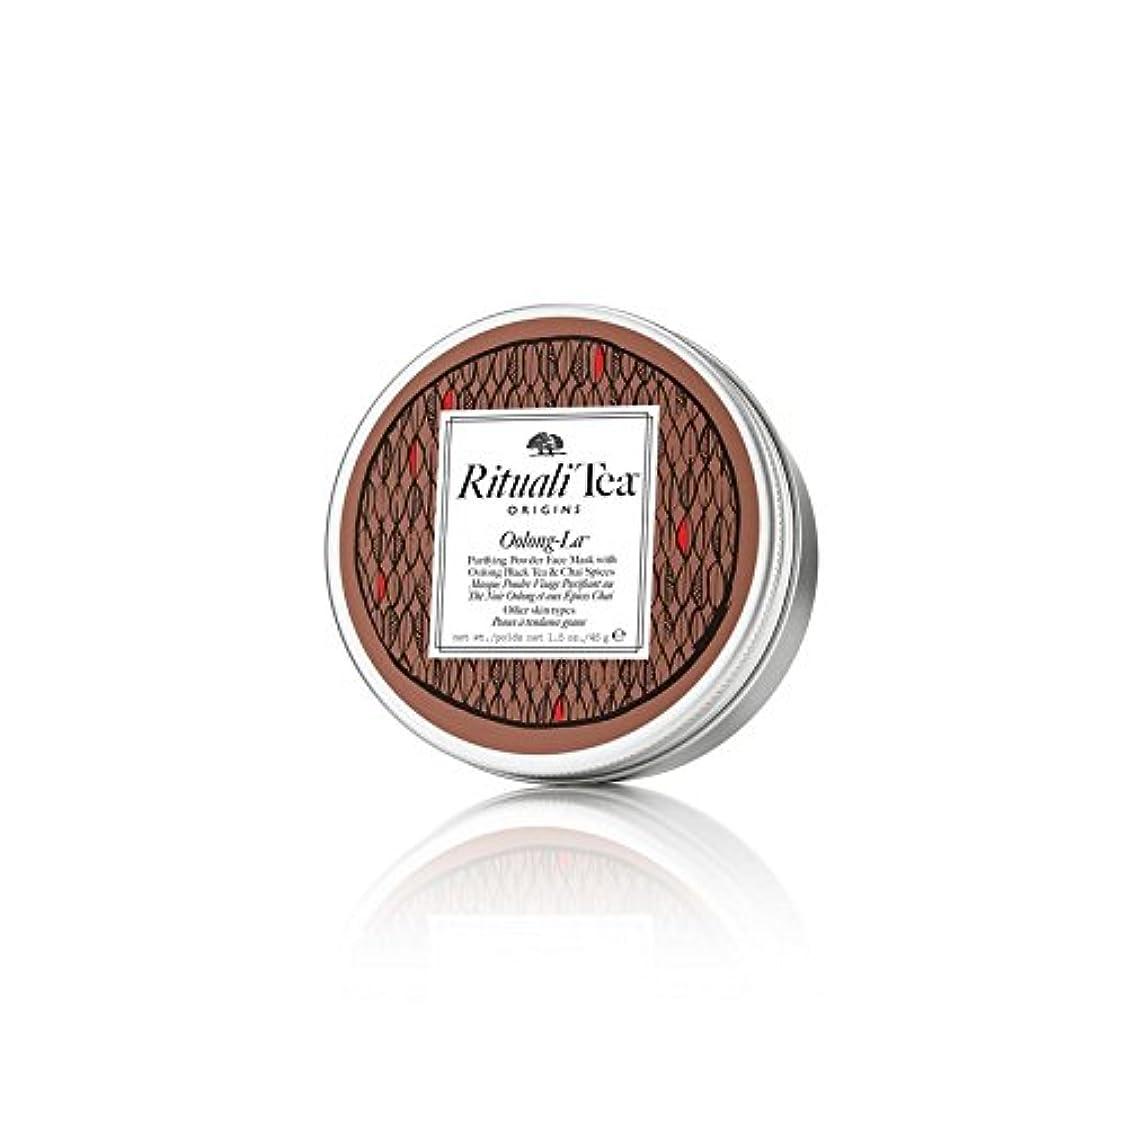 処方スラダム代替案起源抹茶フェイスマスク烏龍茶ラ45グラム x4 - Origins Powdered Tea Face Mask Oolong-La 45g (Pack of 4) [並行輸入品]